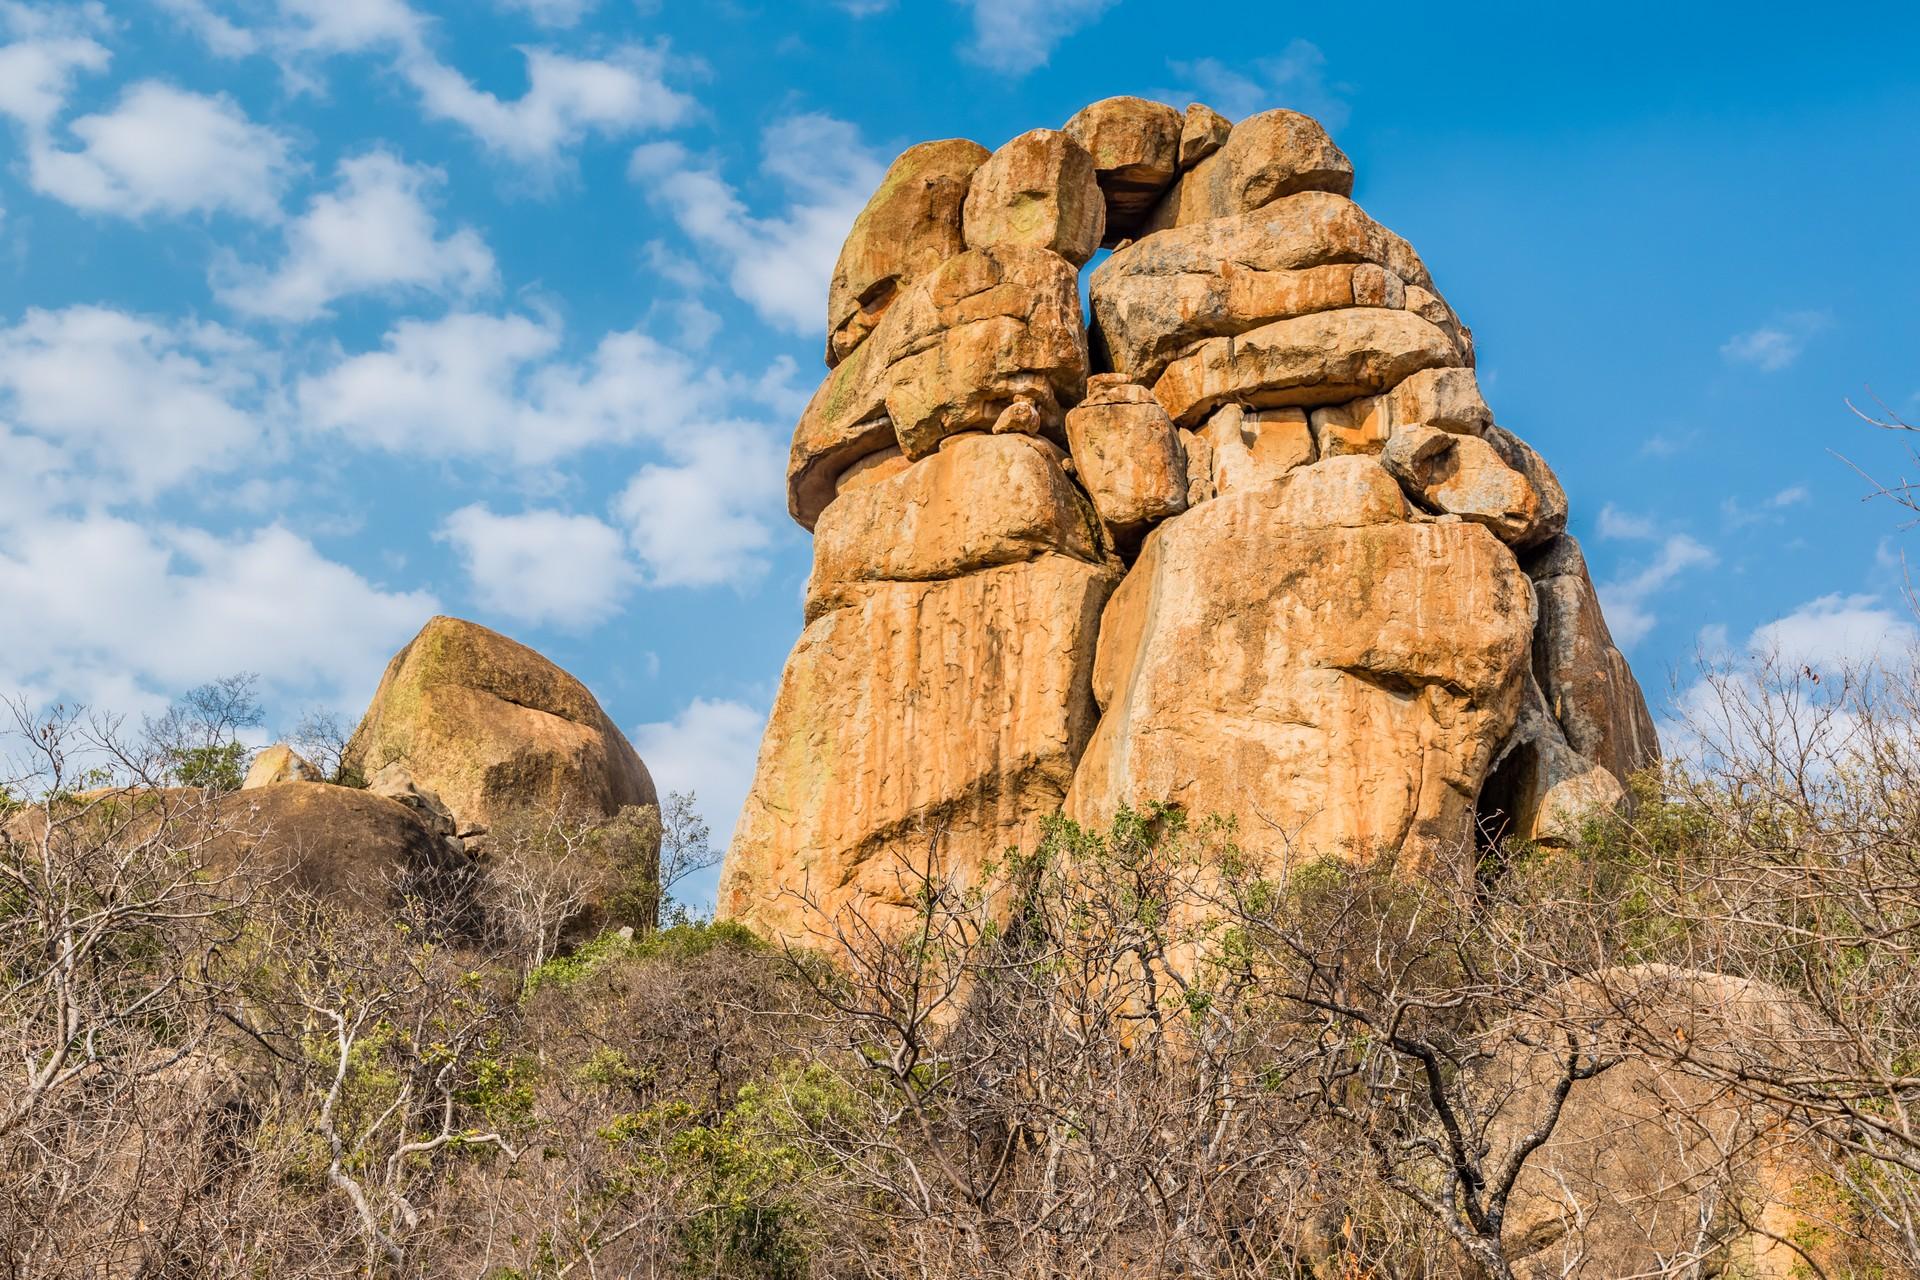 Zimbabwe's best natural attractions: Balancing Rocks